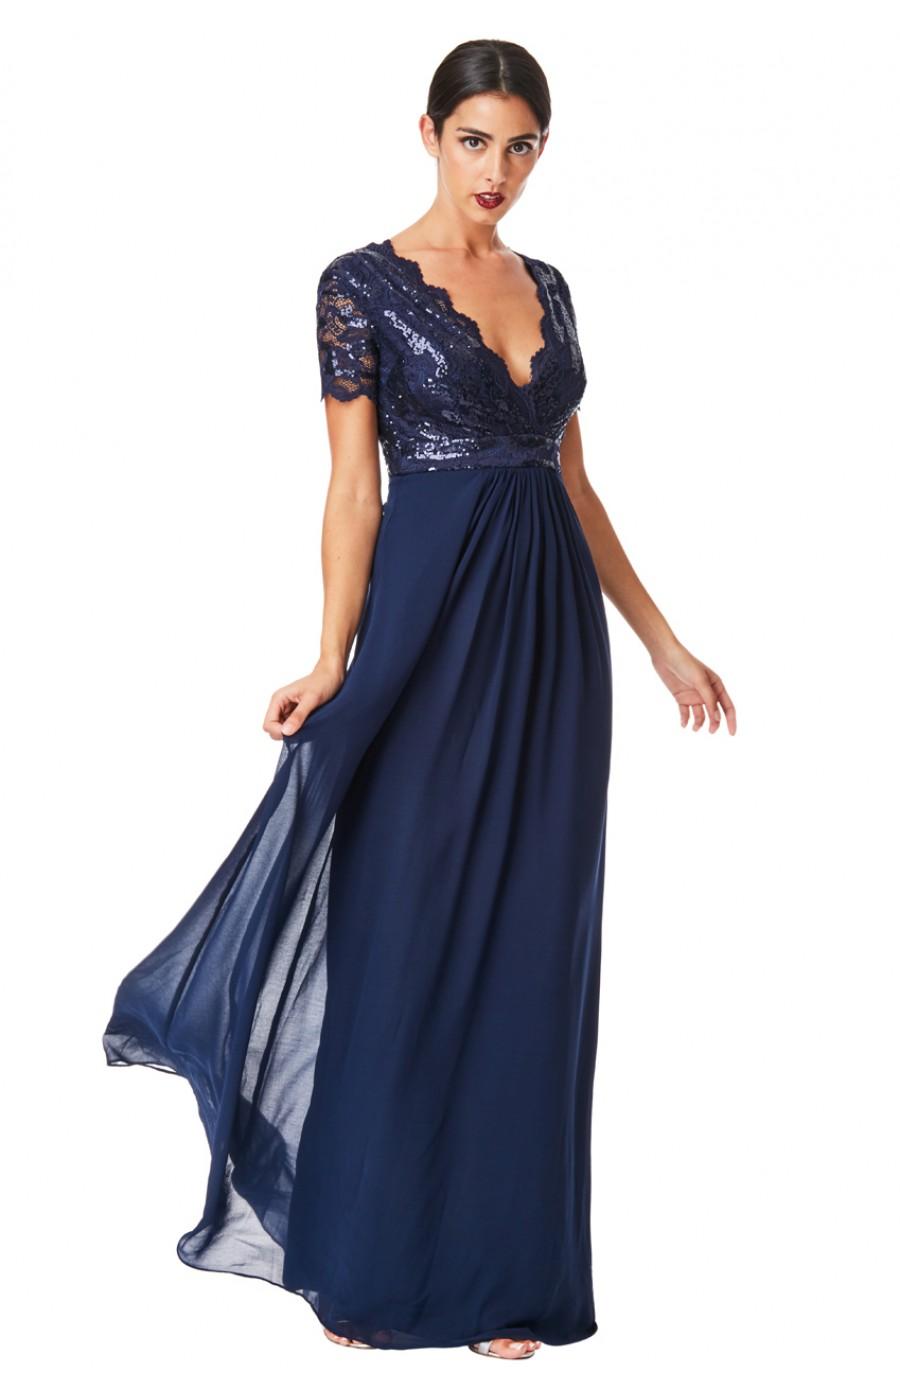 Σιφόν μάξι μπλε σκούρο φόρεμα